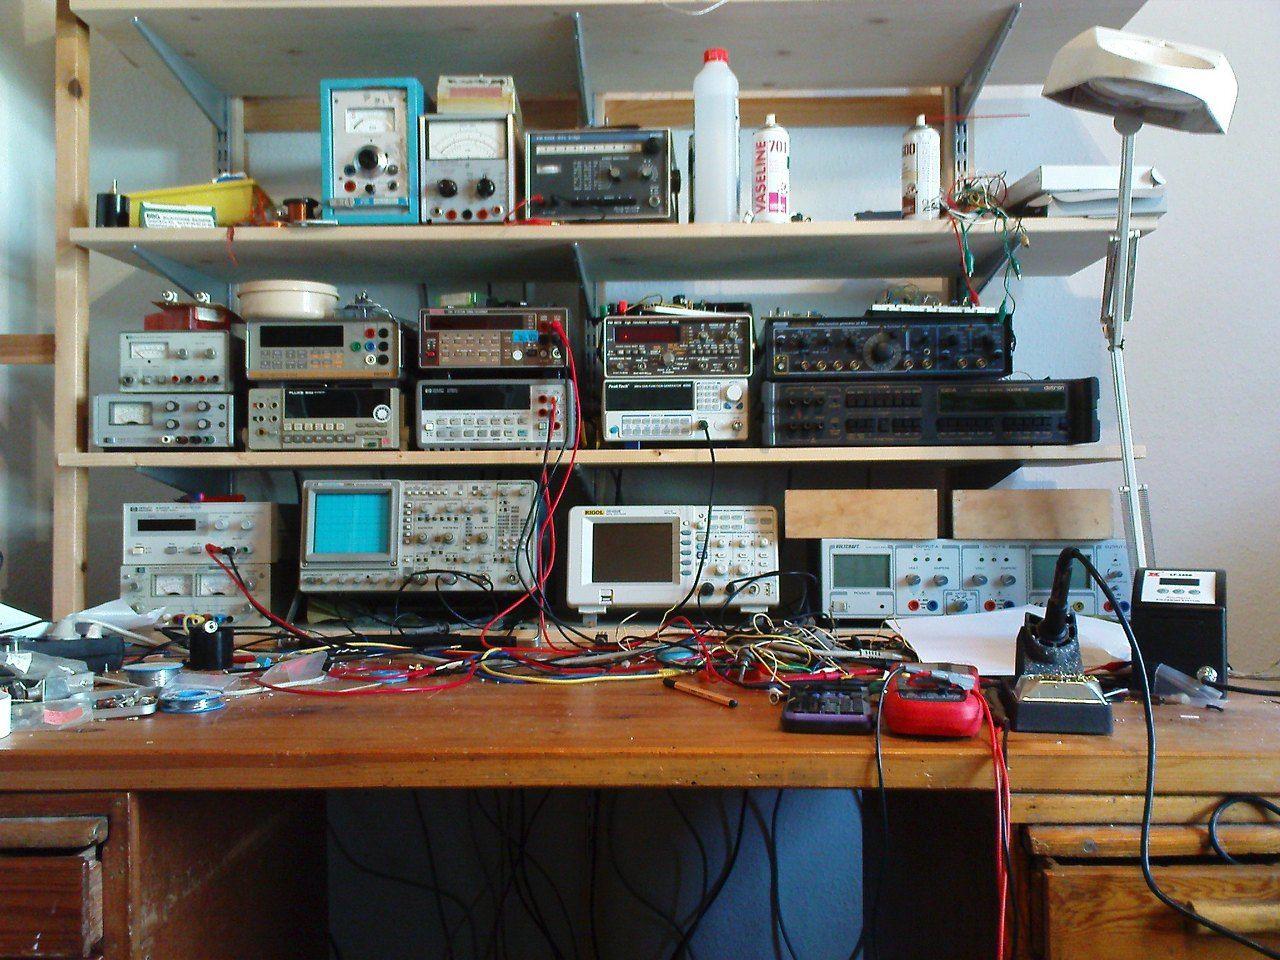 amateur radio electronic workbench  whats-your-work-benchlab-look-like-post-some-. Electronic WorkbenchEnergy  SaverDiy ElectronicsGarage WorkshopHam RadioRoboticsLight ...